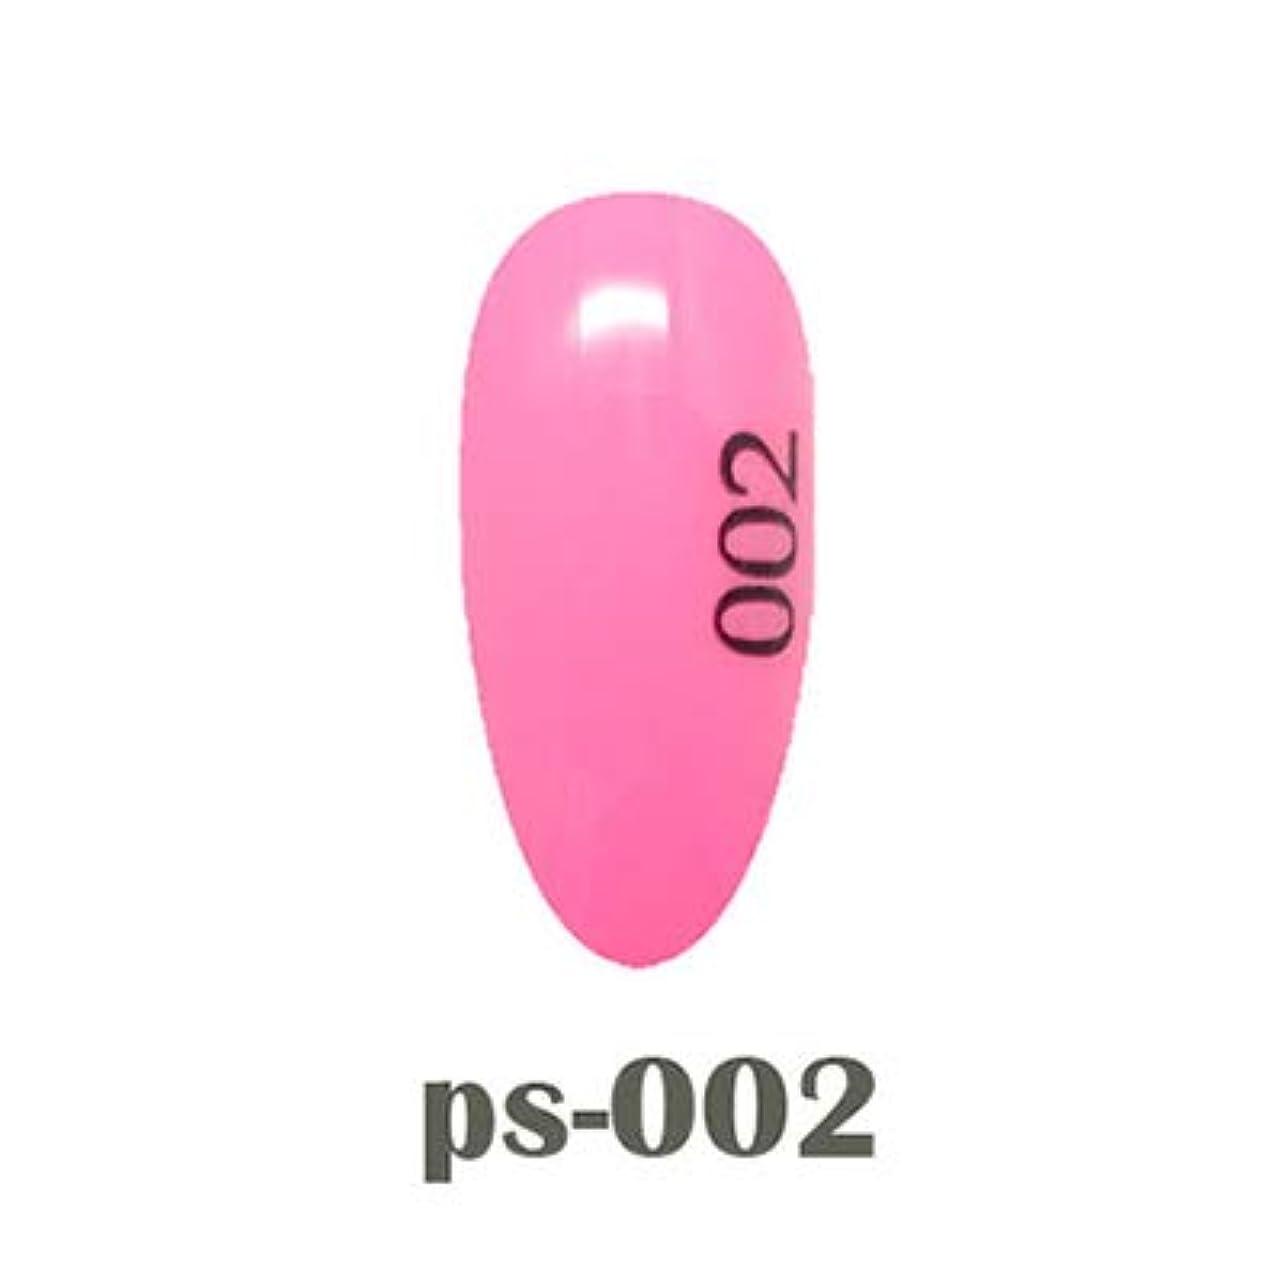 石炭葡萄チャームアイスジェル カラージェル ポイントパステルシリーズ PP-002 3g